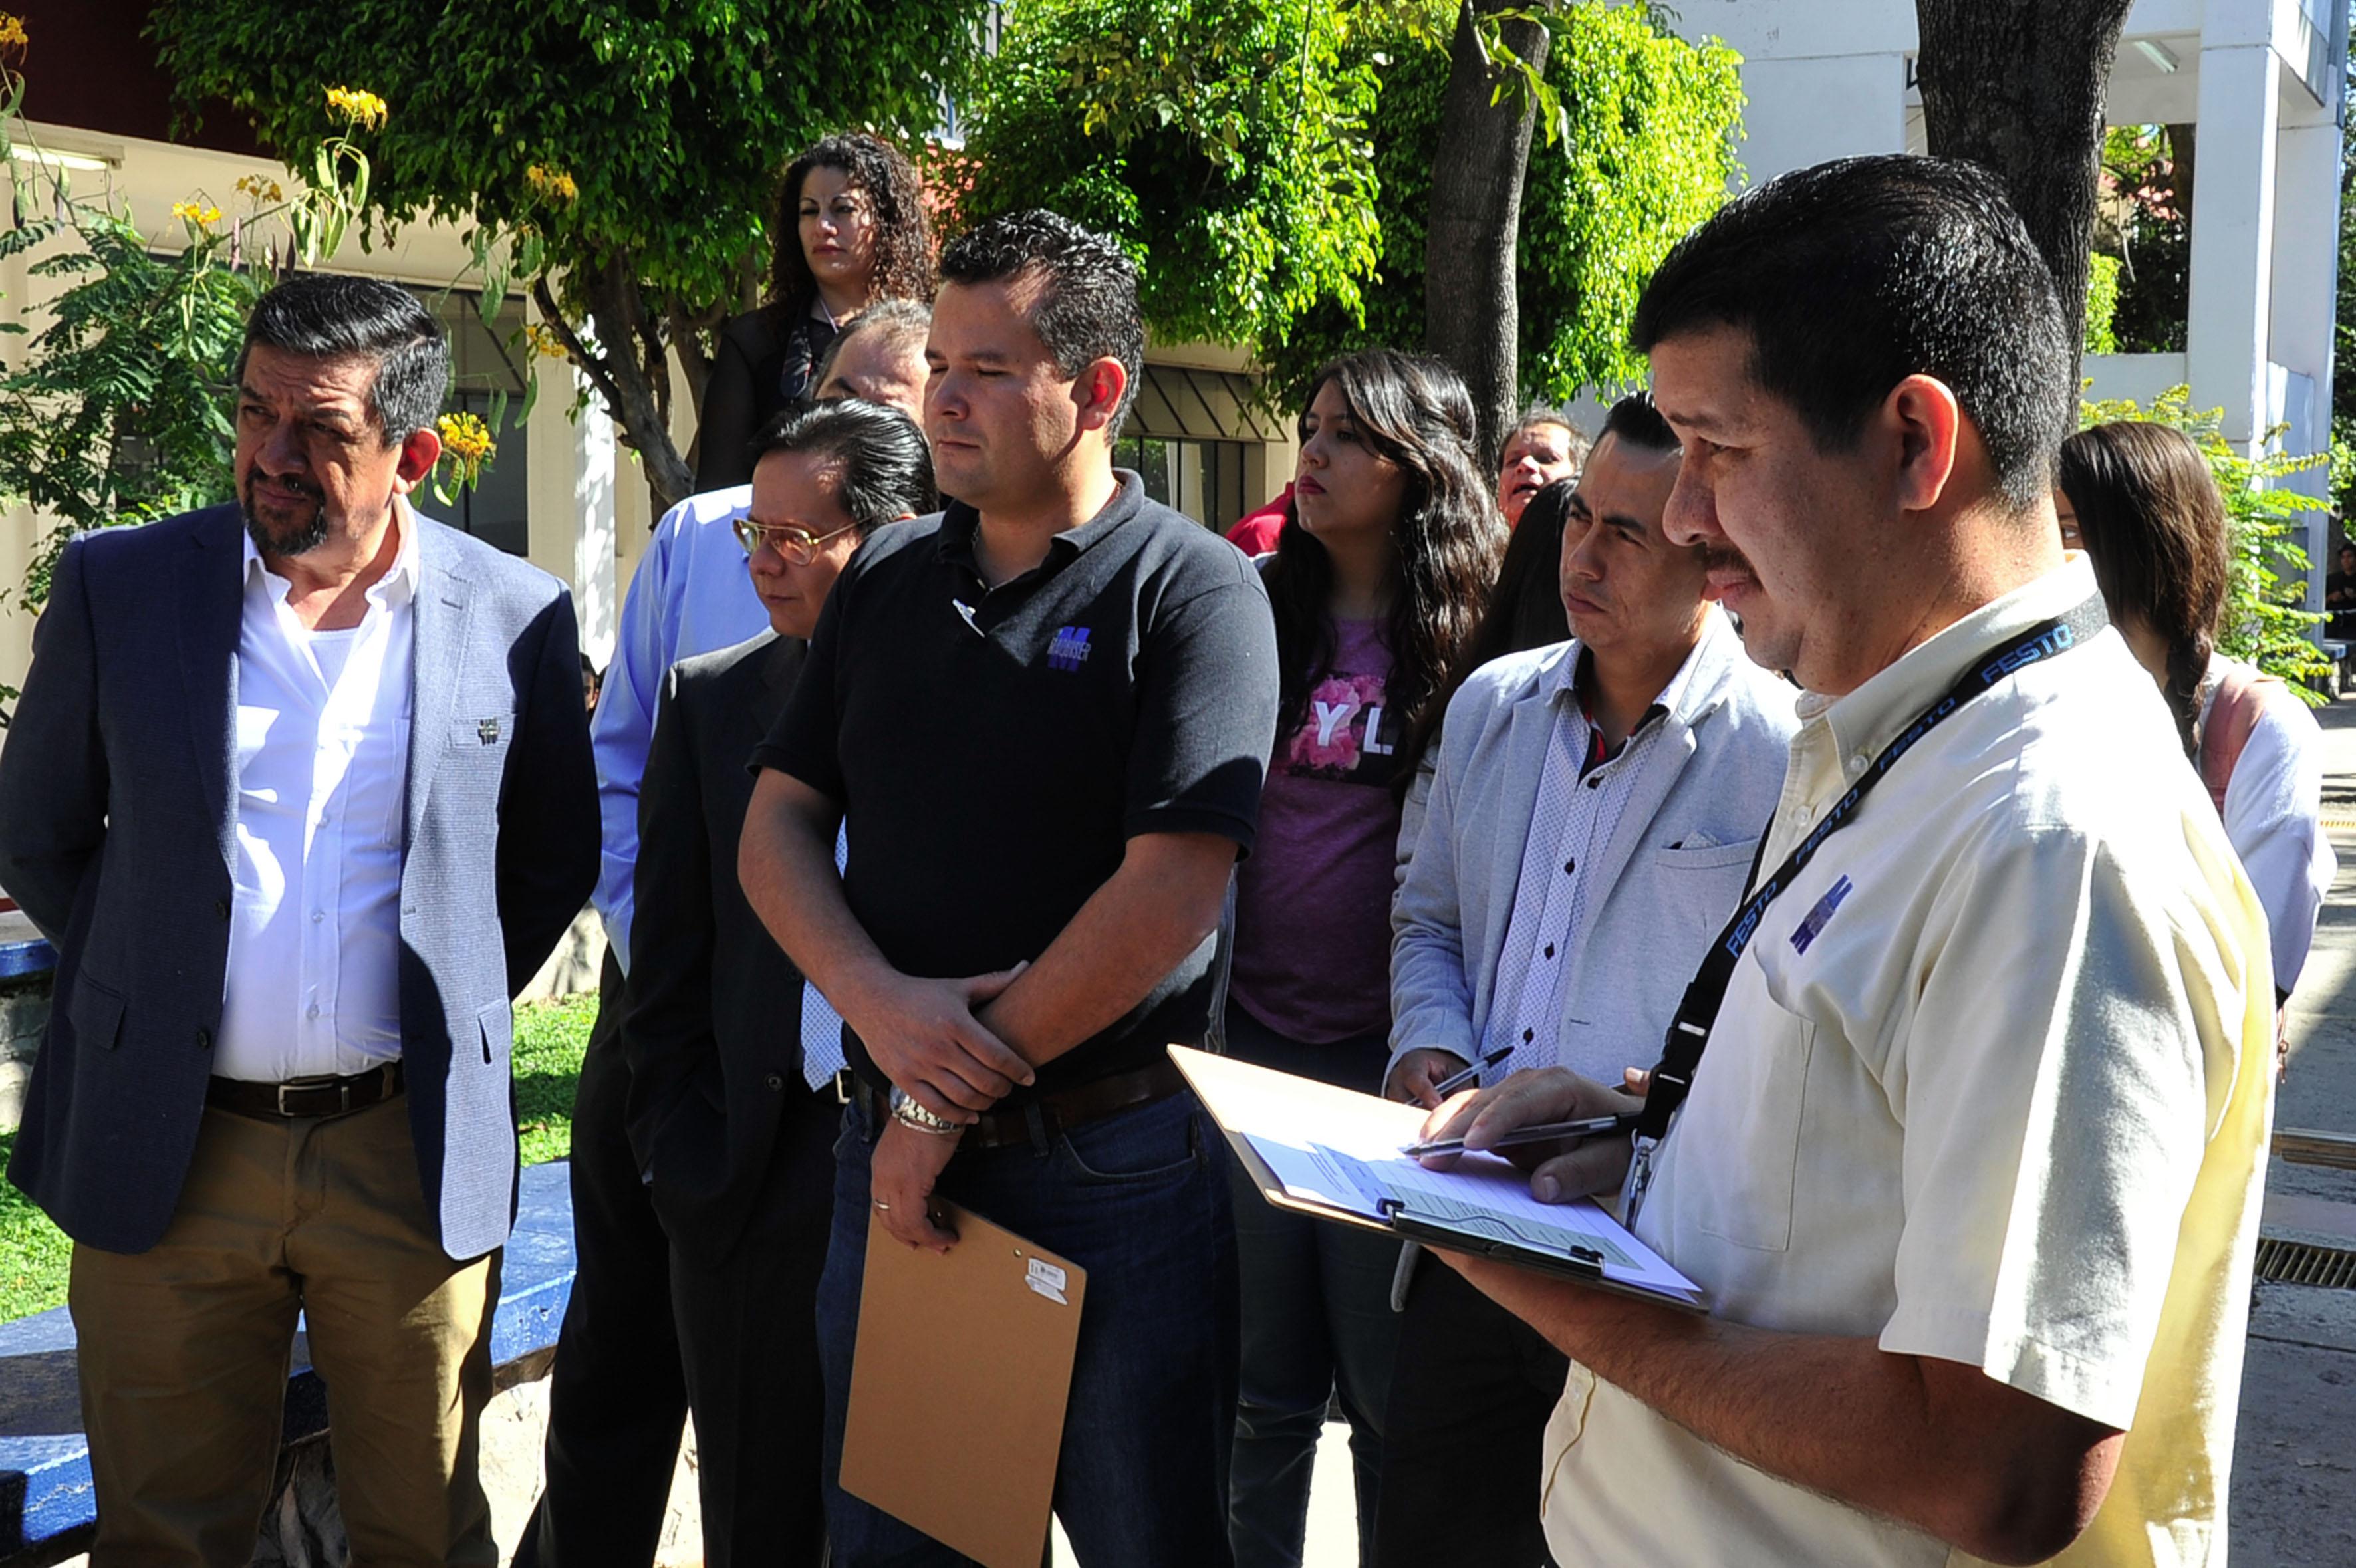 Publico asistente a la Feria de innovación Expolitec 2016, entre ellos representantes de empresas y emprendedores, observando los trabajos exhibidos en la escuela politécnica de la UdeG.